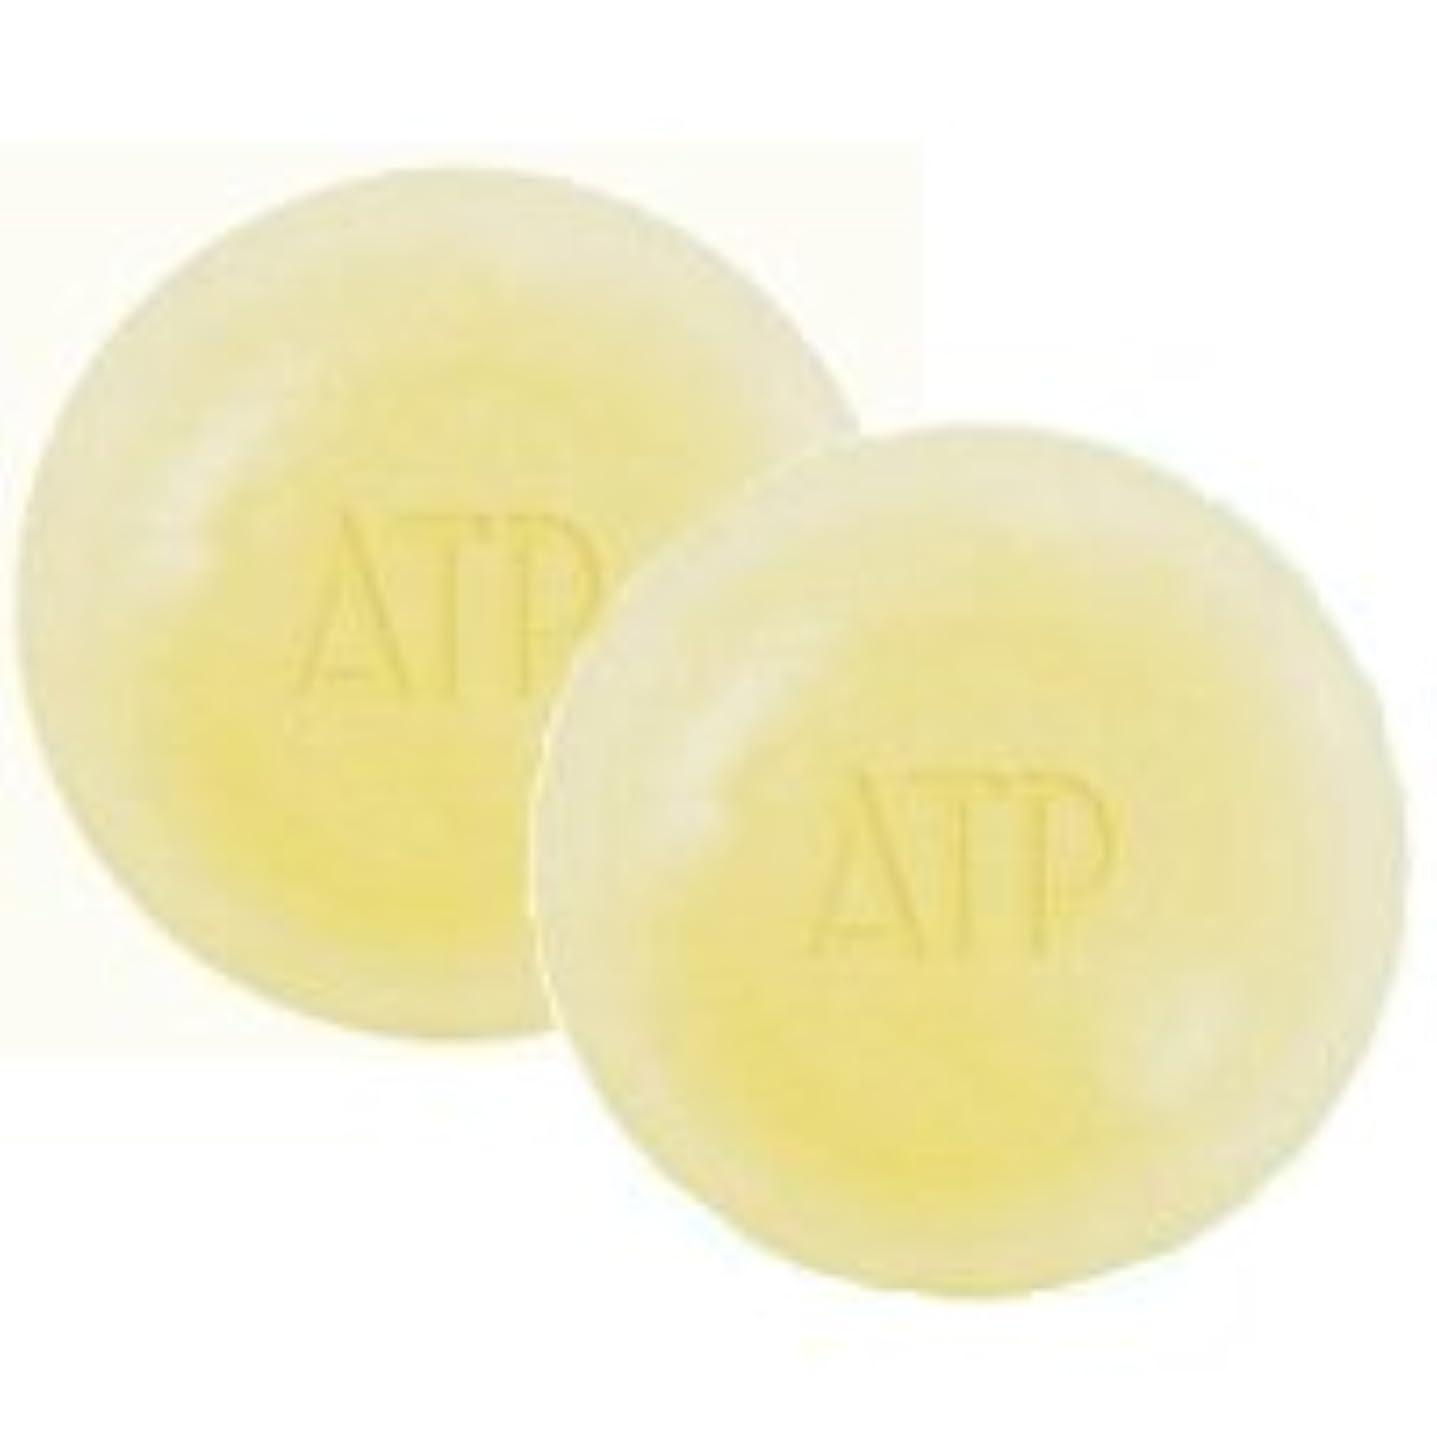 寛大さ主用語集ATPデリケアソープ 100g ケース付 2個セット